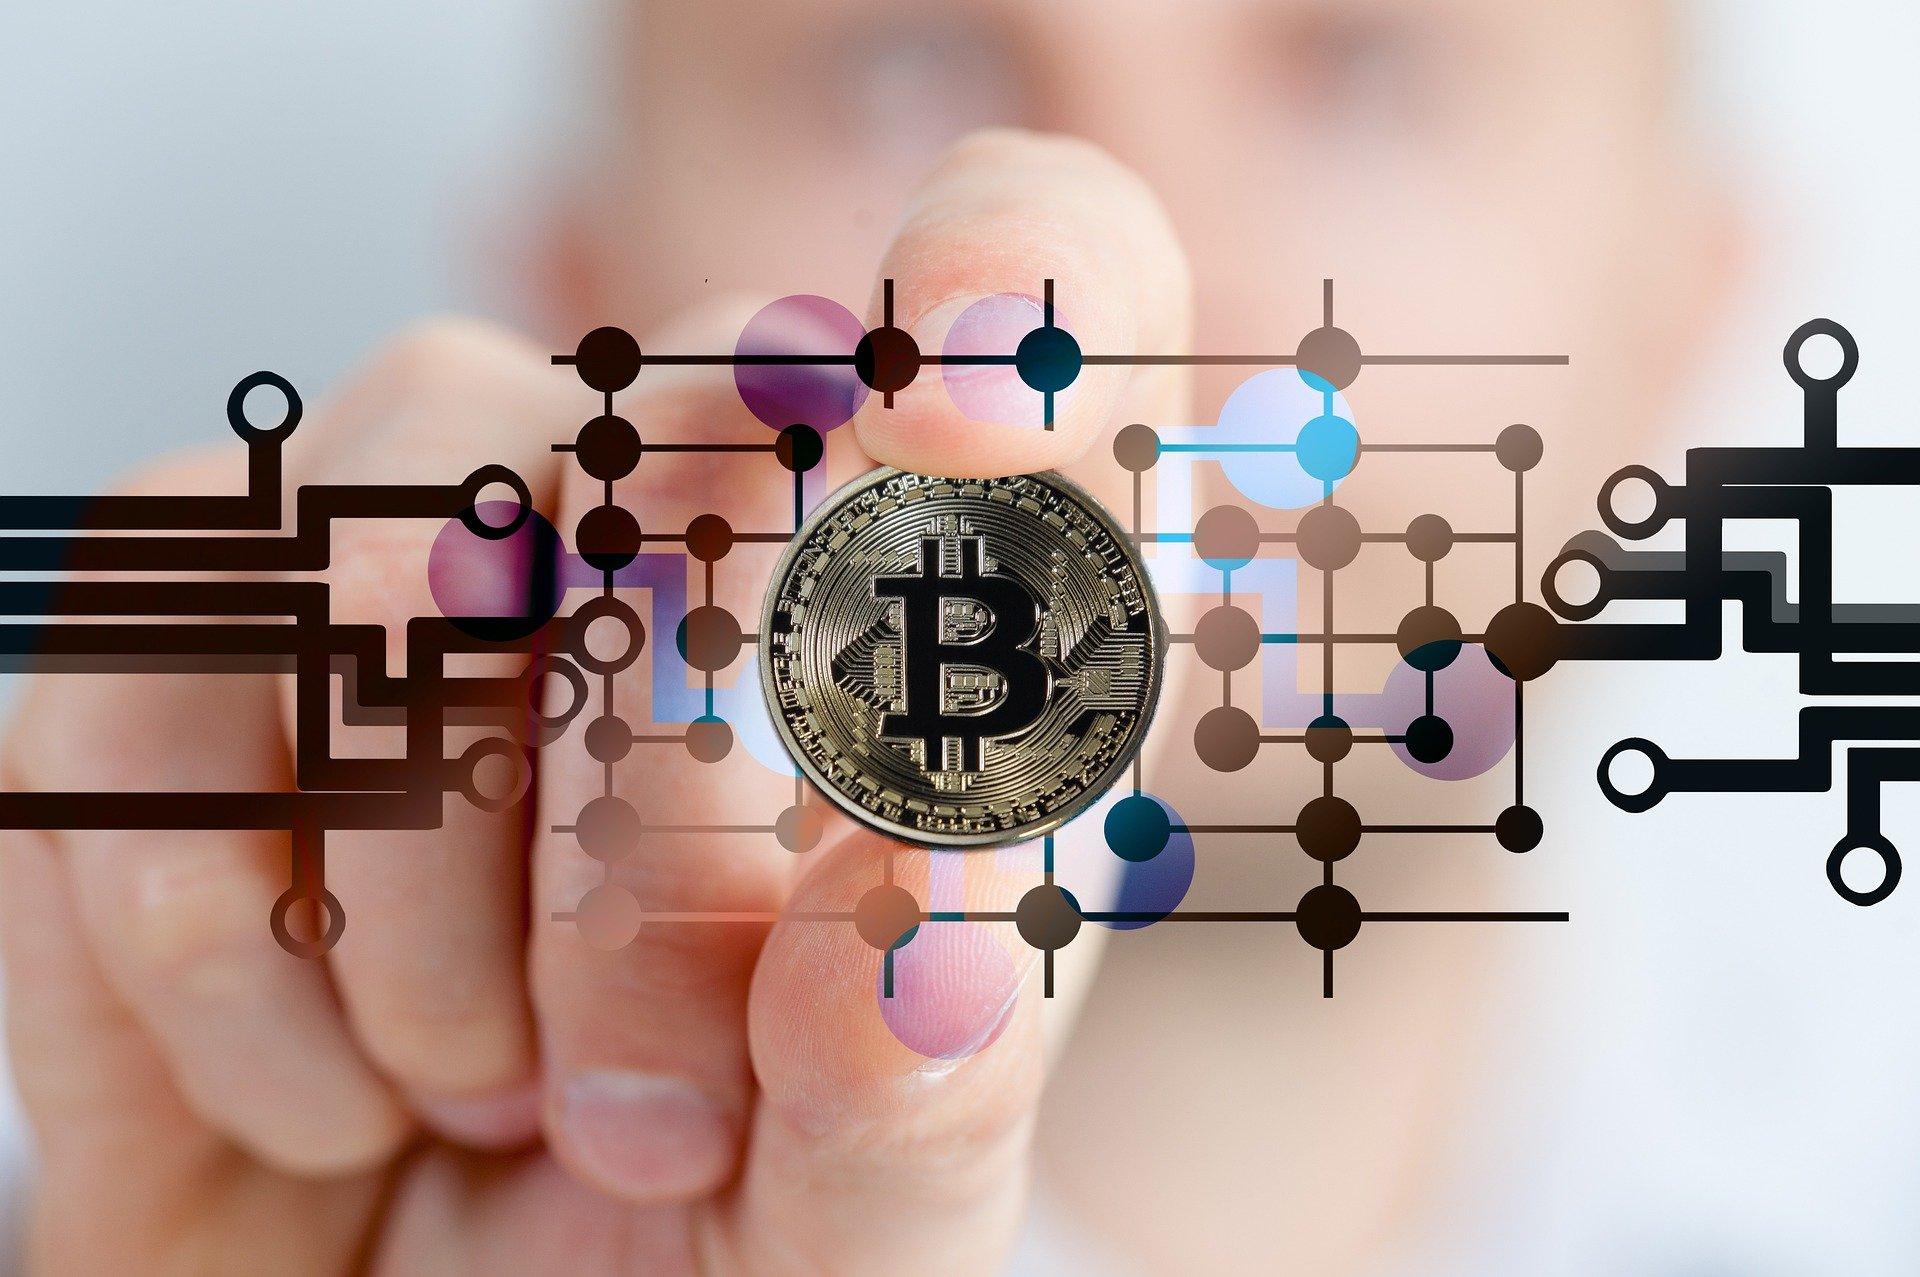 Criptovalute: storia, utilizzo e acquisto delle monete virtuali